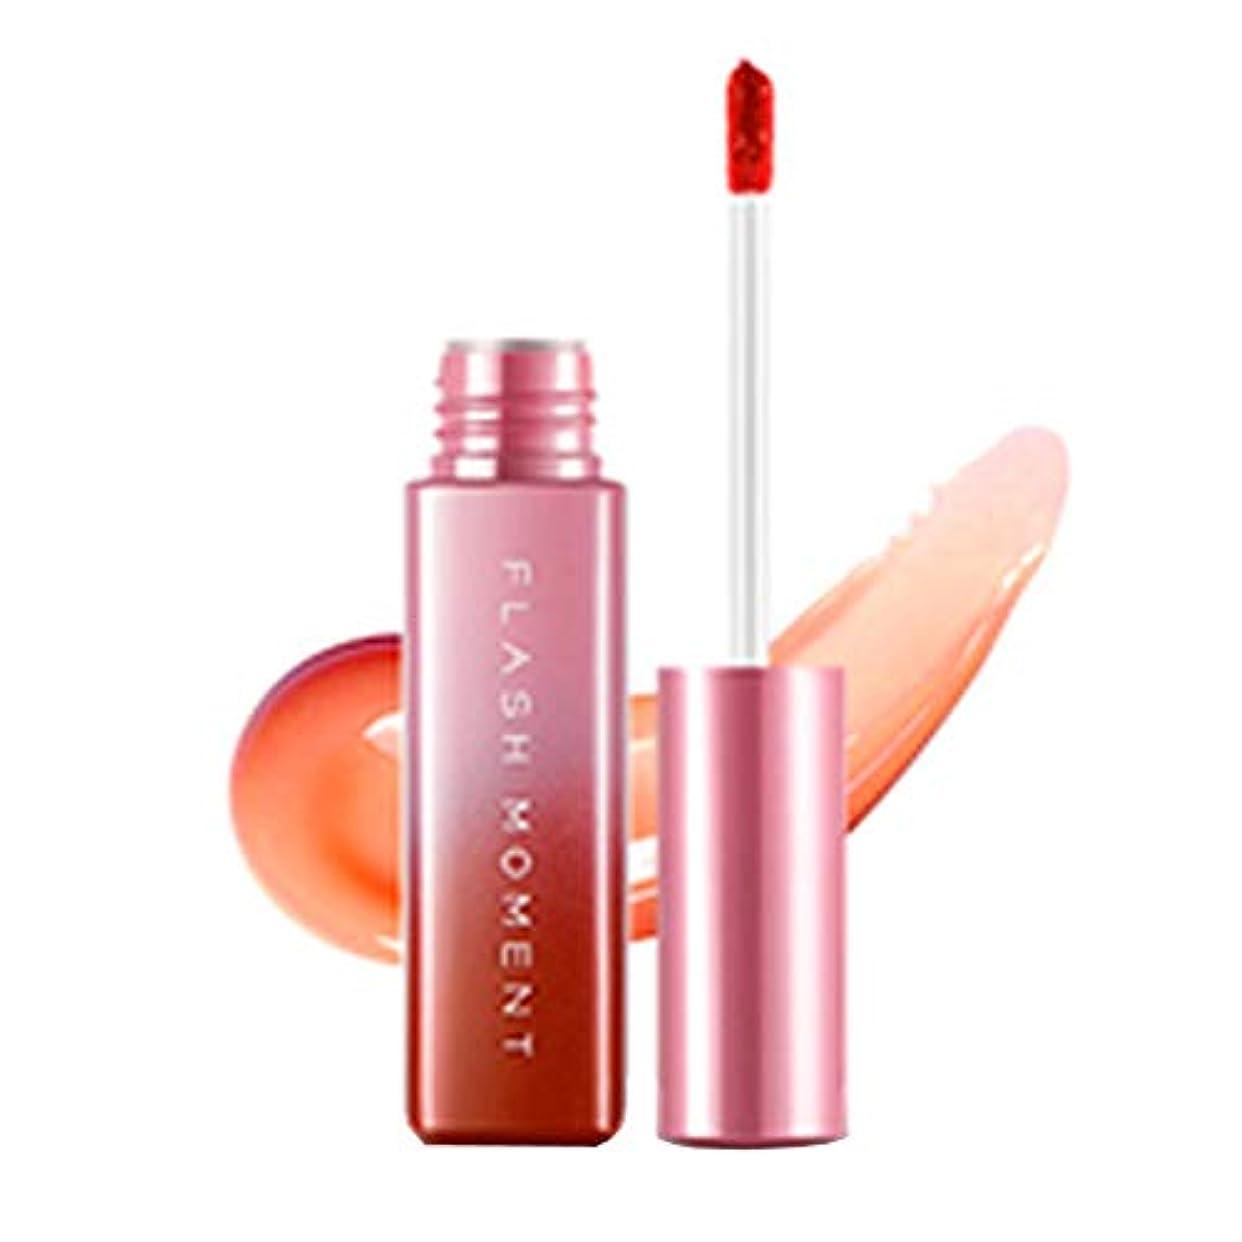 属性ピンク原始的な口紅 リップグレーズ ミラー 3D リップクリーム セクシー 液体 リップスティック リキッド 唇 光沢 長続き リップバーム 24時間防水 唇に塗っっていつもよりセクシー魅力を与えるルージュhuajuan (A)